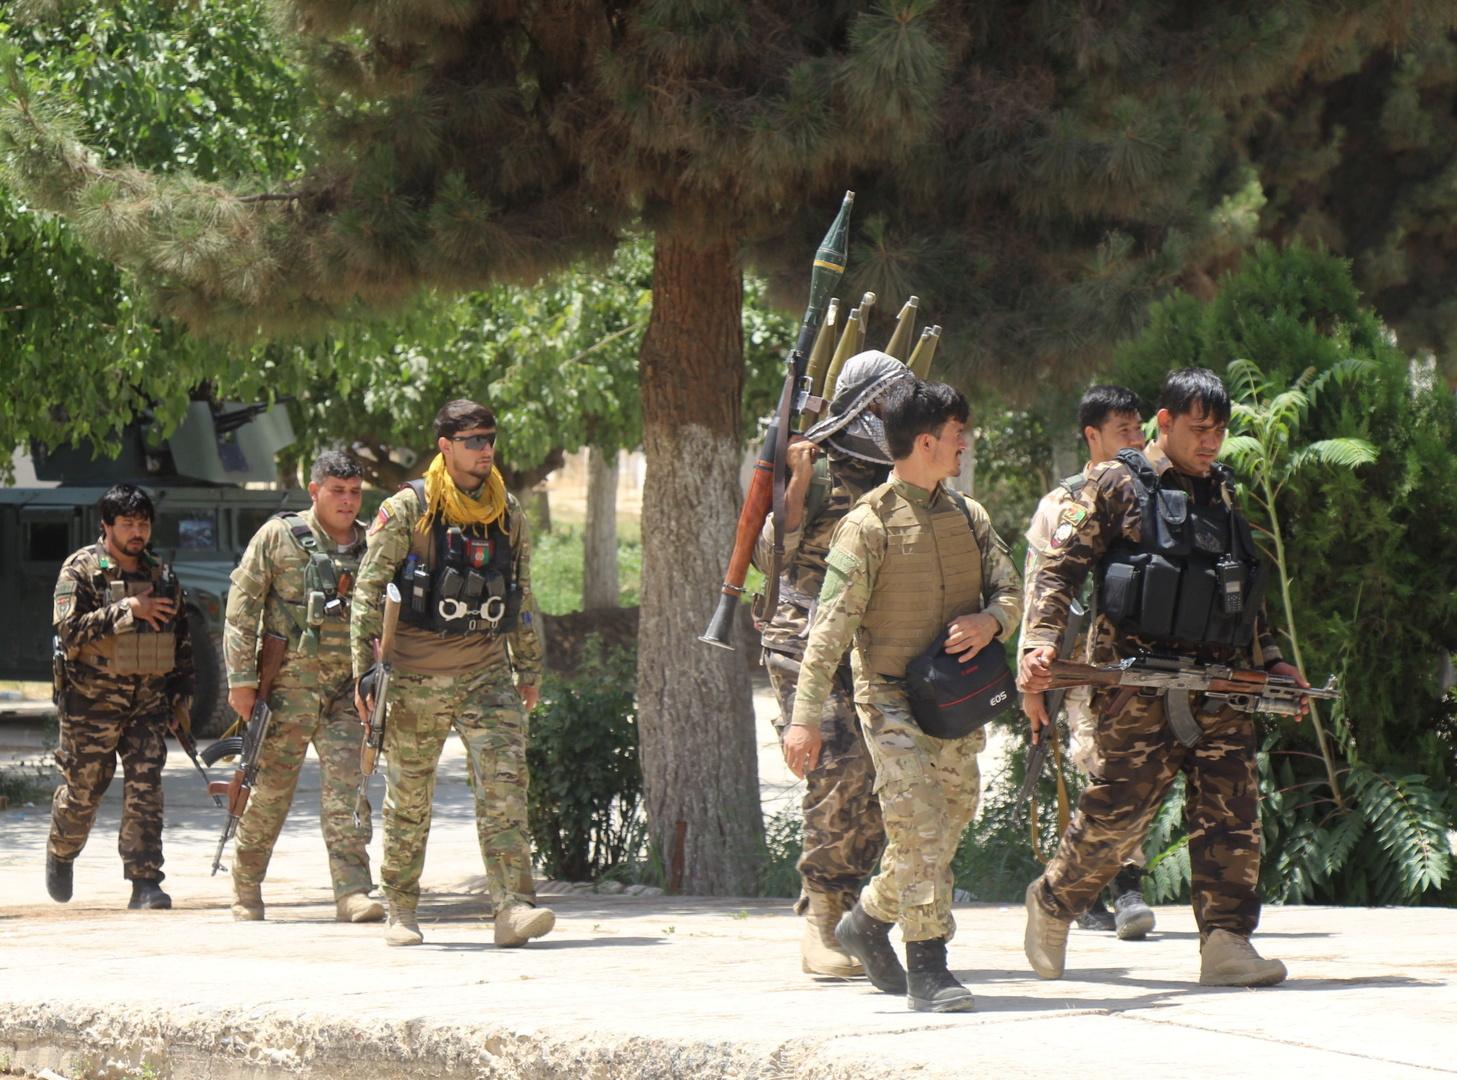 طالبان تسيطر على معبر حدودي والقوات الأفغانية تستعيد منطقتين في قندوز